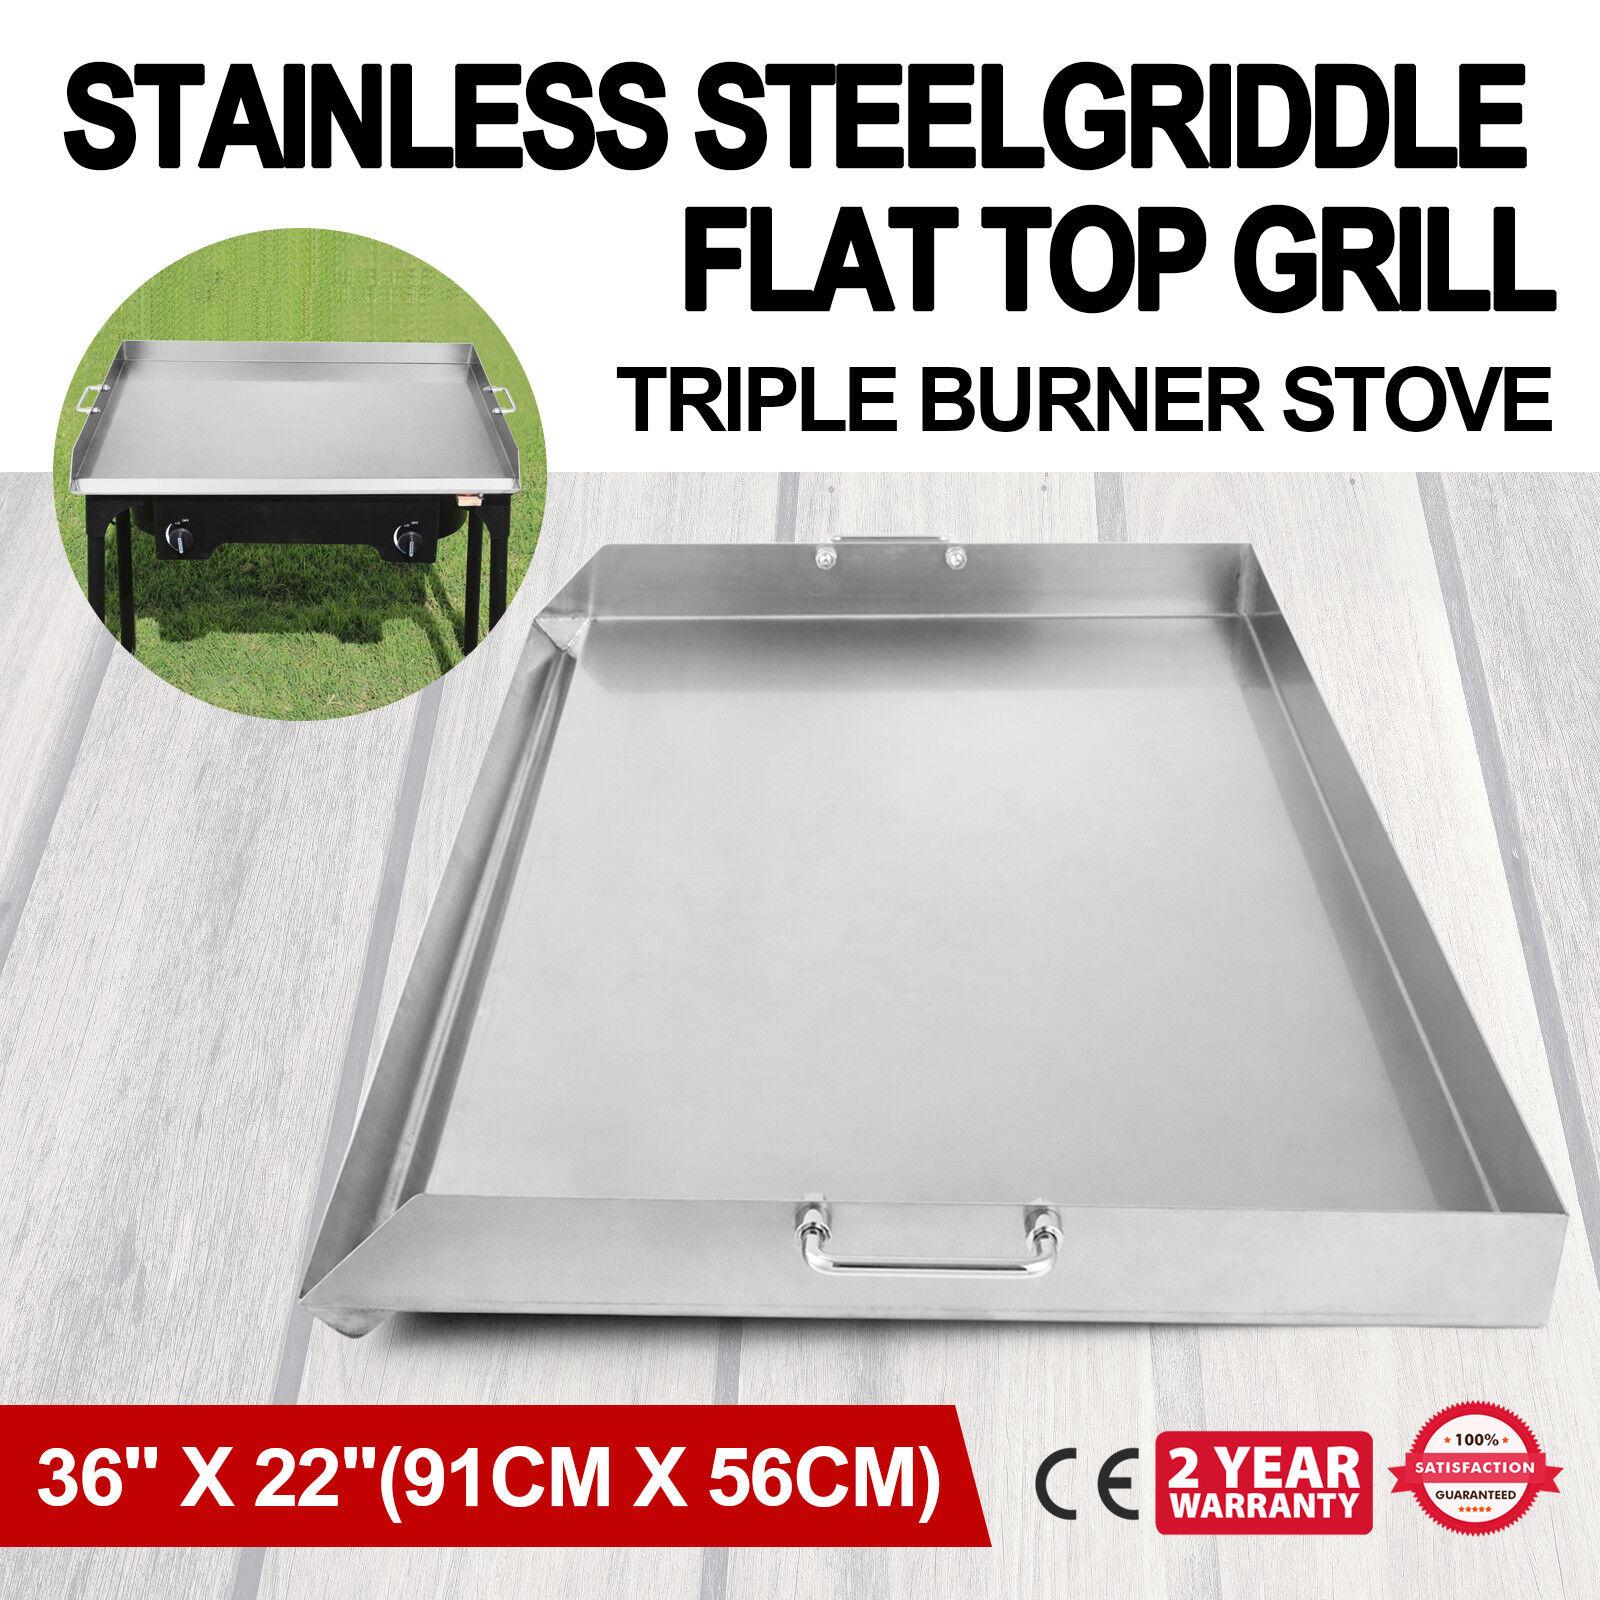 Griglia Piatta Flat Top Grill 92cm×56cm pesanti piastra acciaio inox grigliate